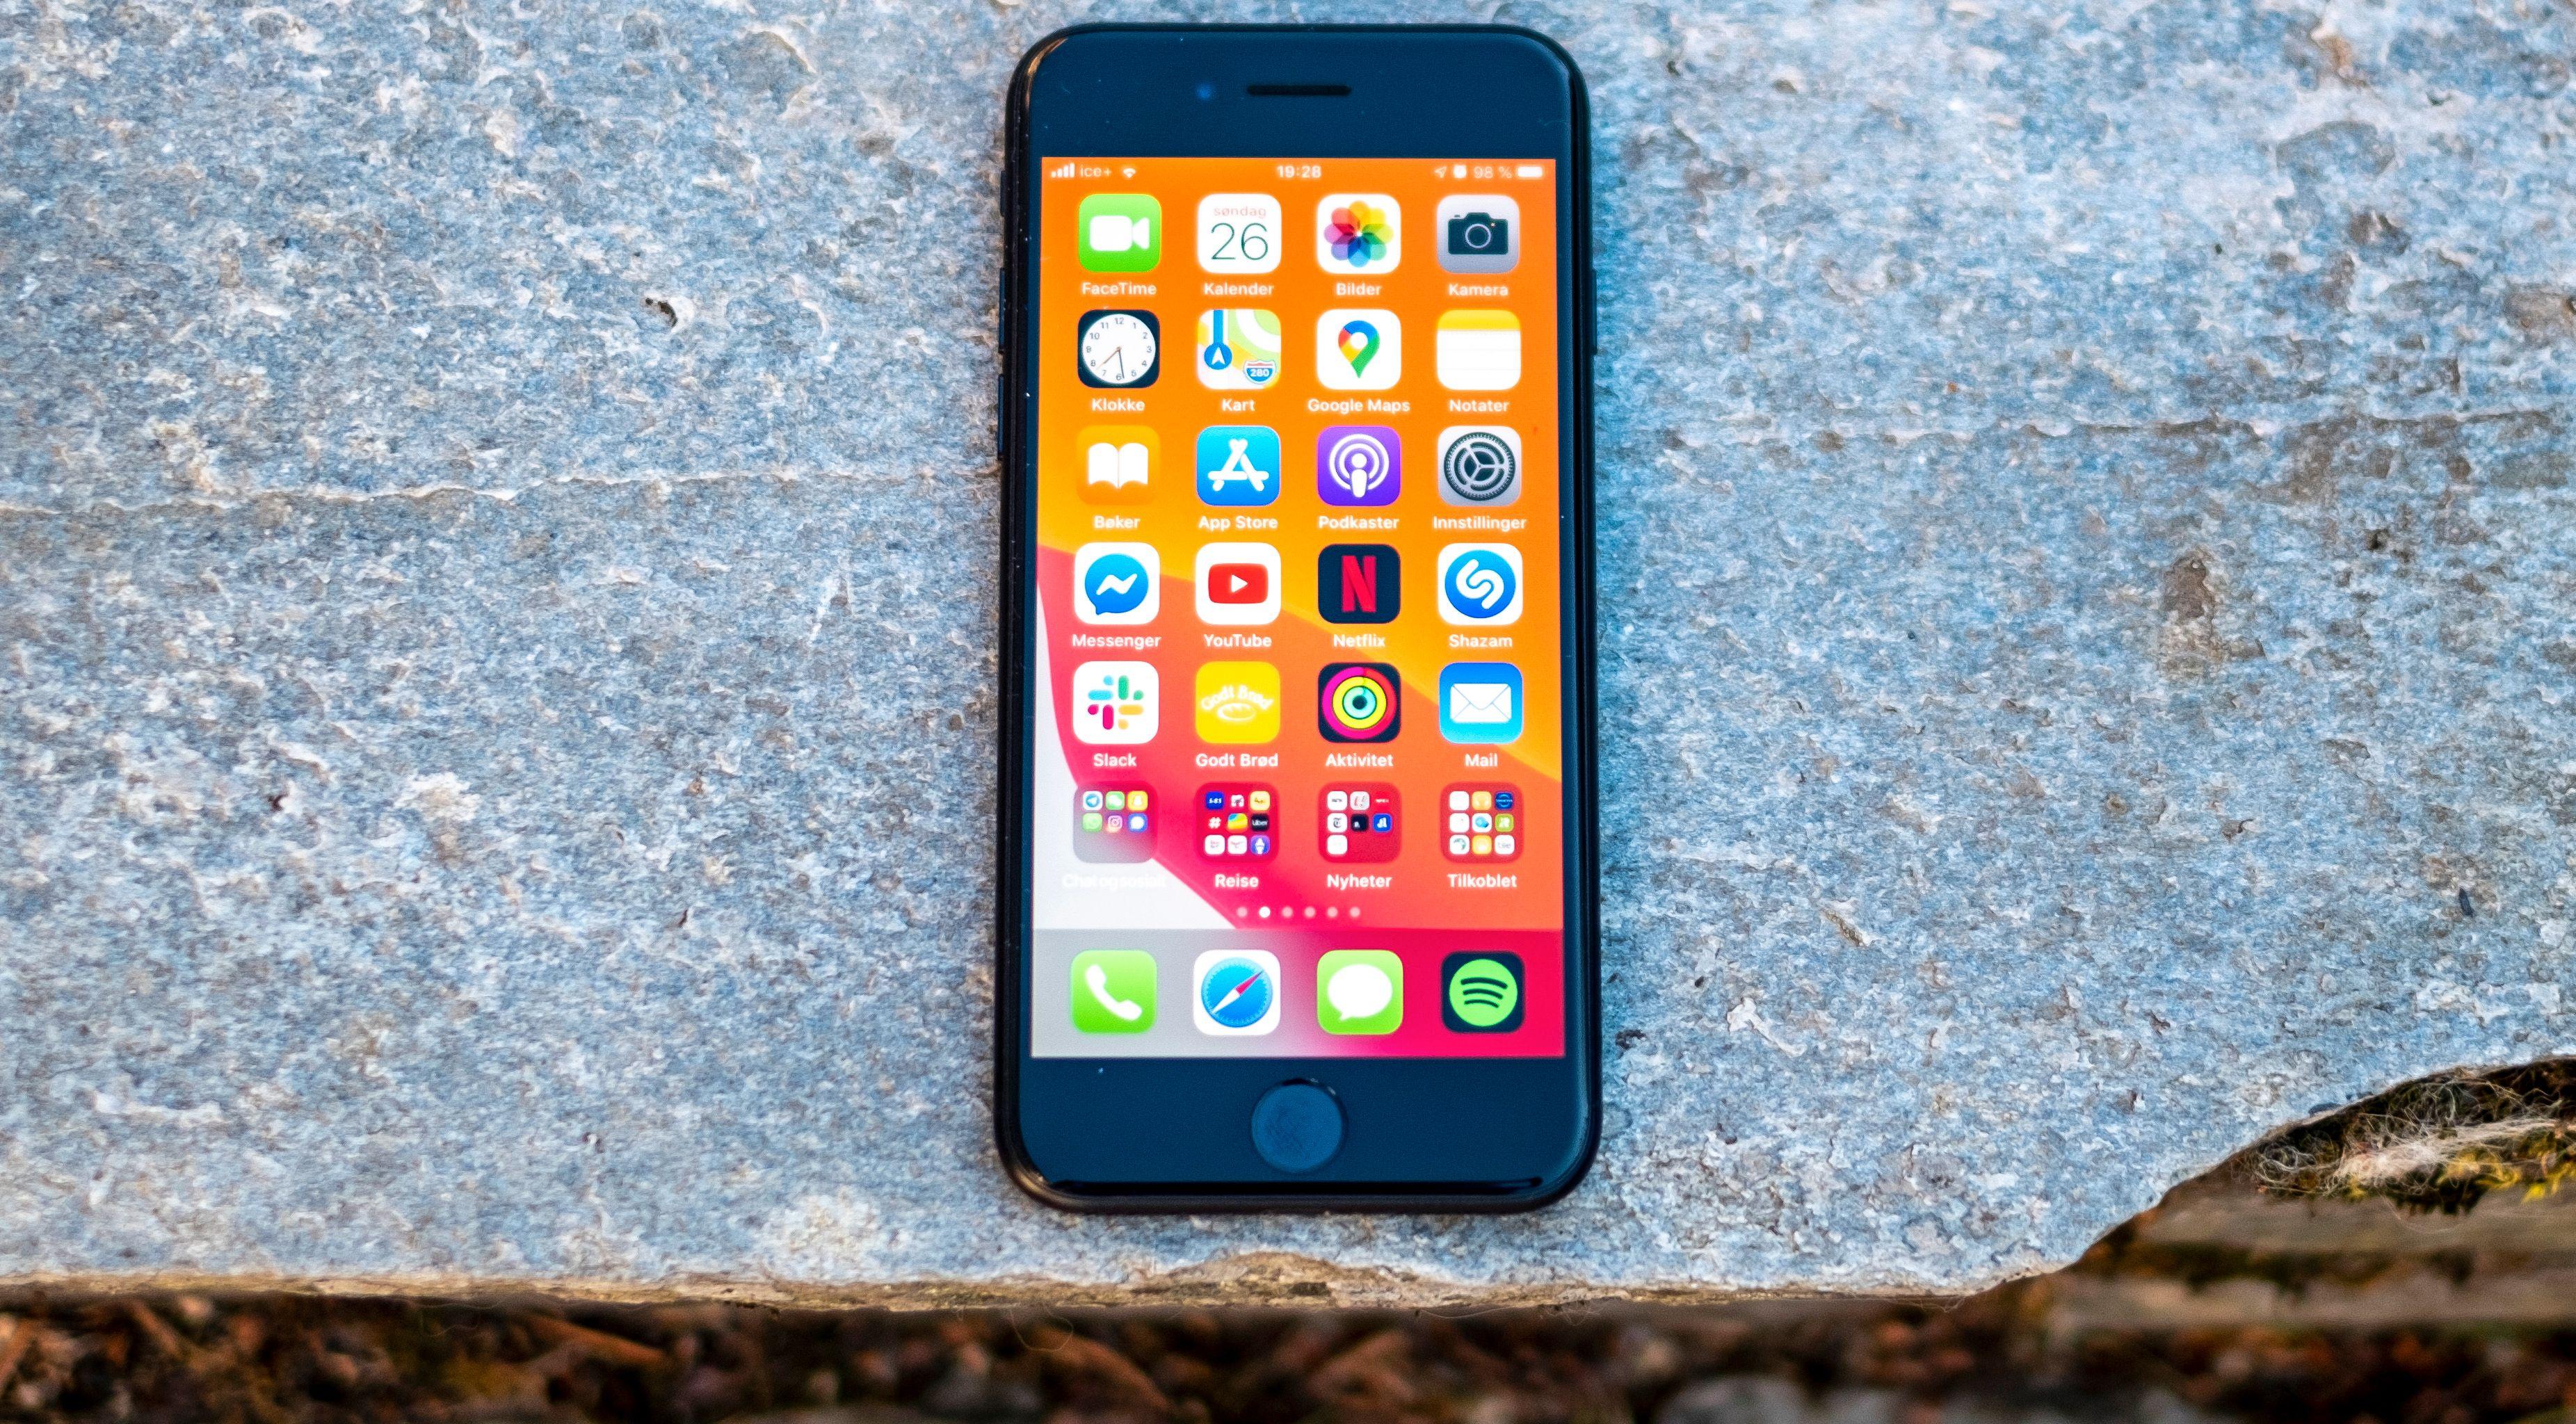 Denne designen er det en stund siden vi har sett i en ny telefon fra Apple, men den funker fortsatt.